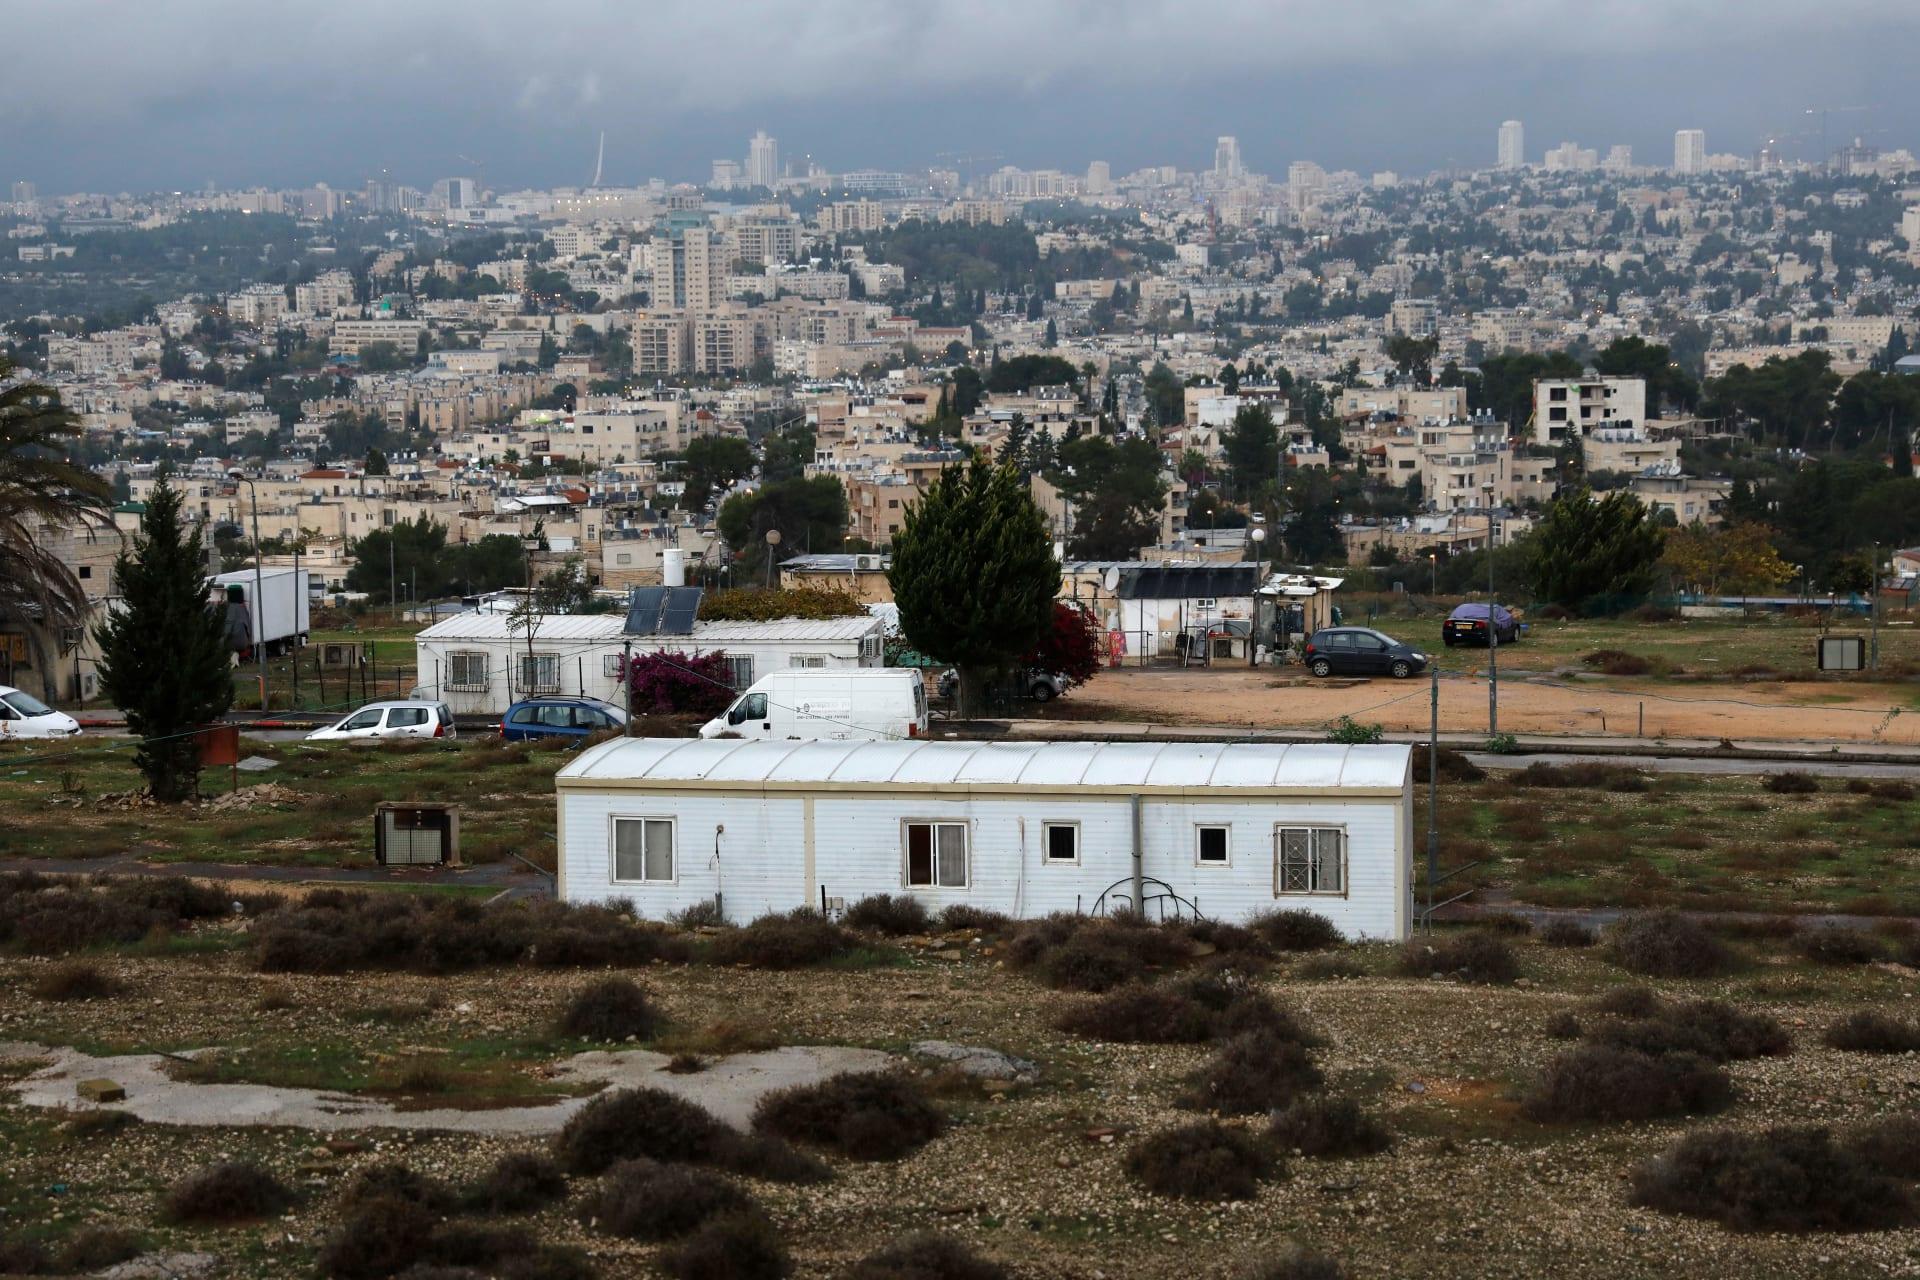 إسرائيل تطرح خططاً لمشروع سكني مُثير للجدل في القدس الشرقية وسط انتقادات دولية